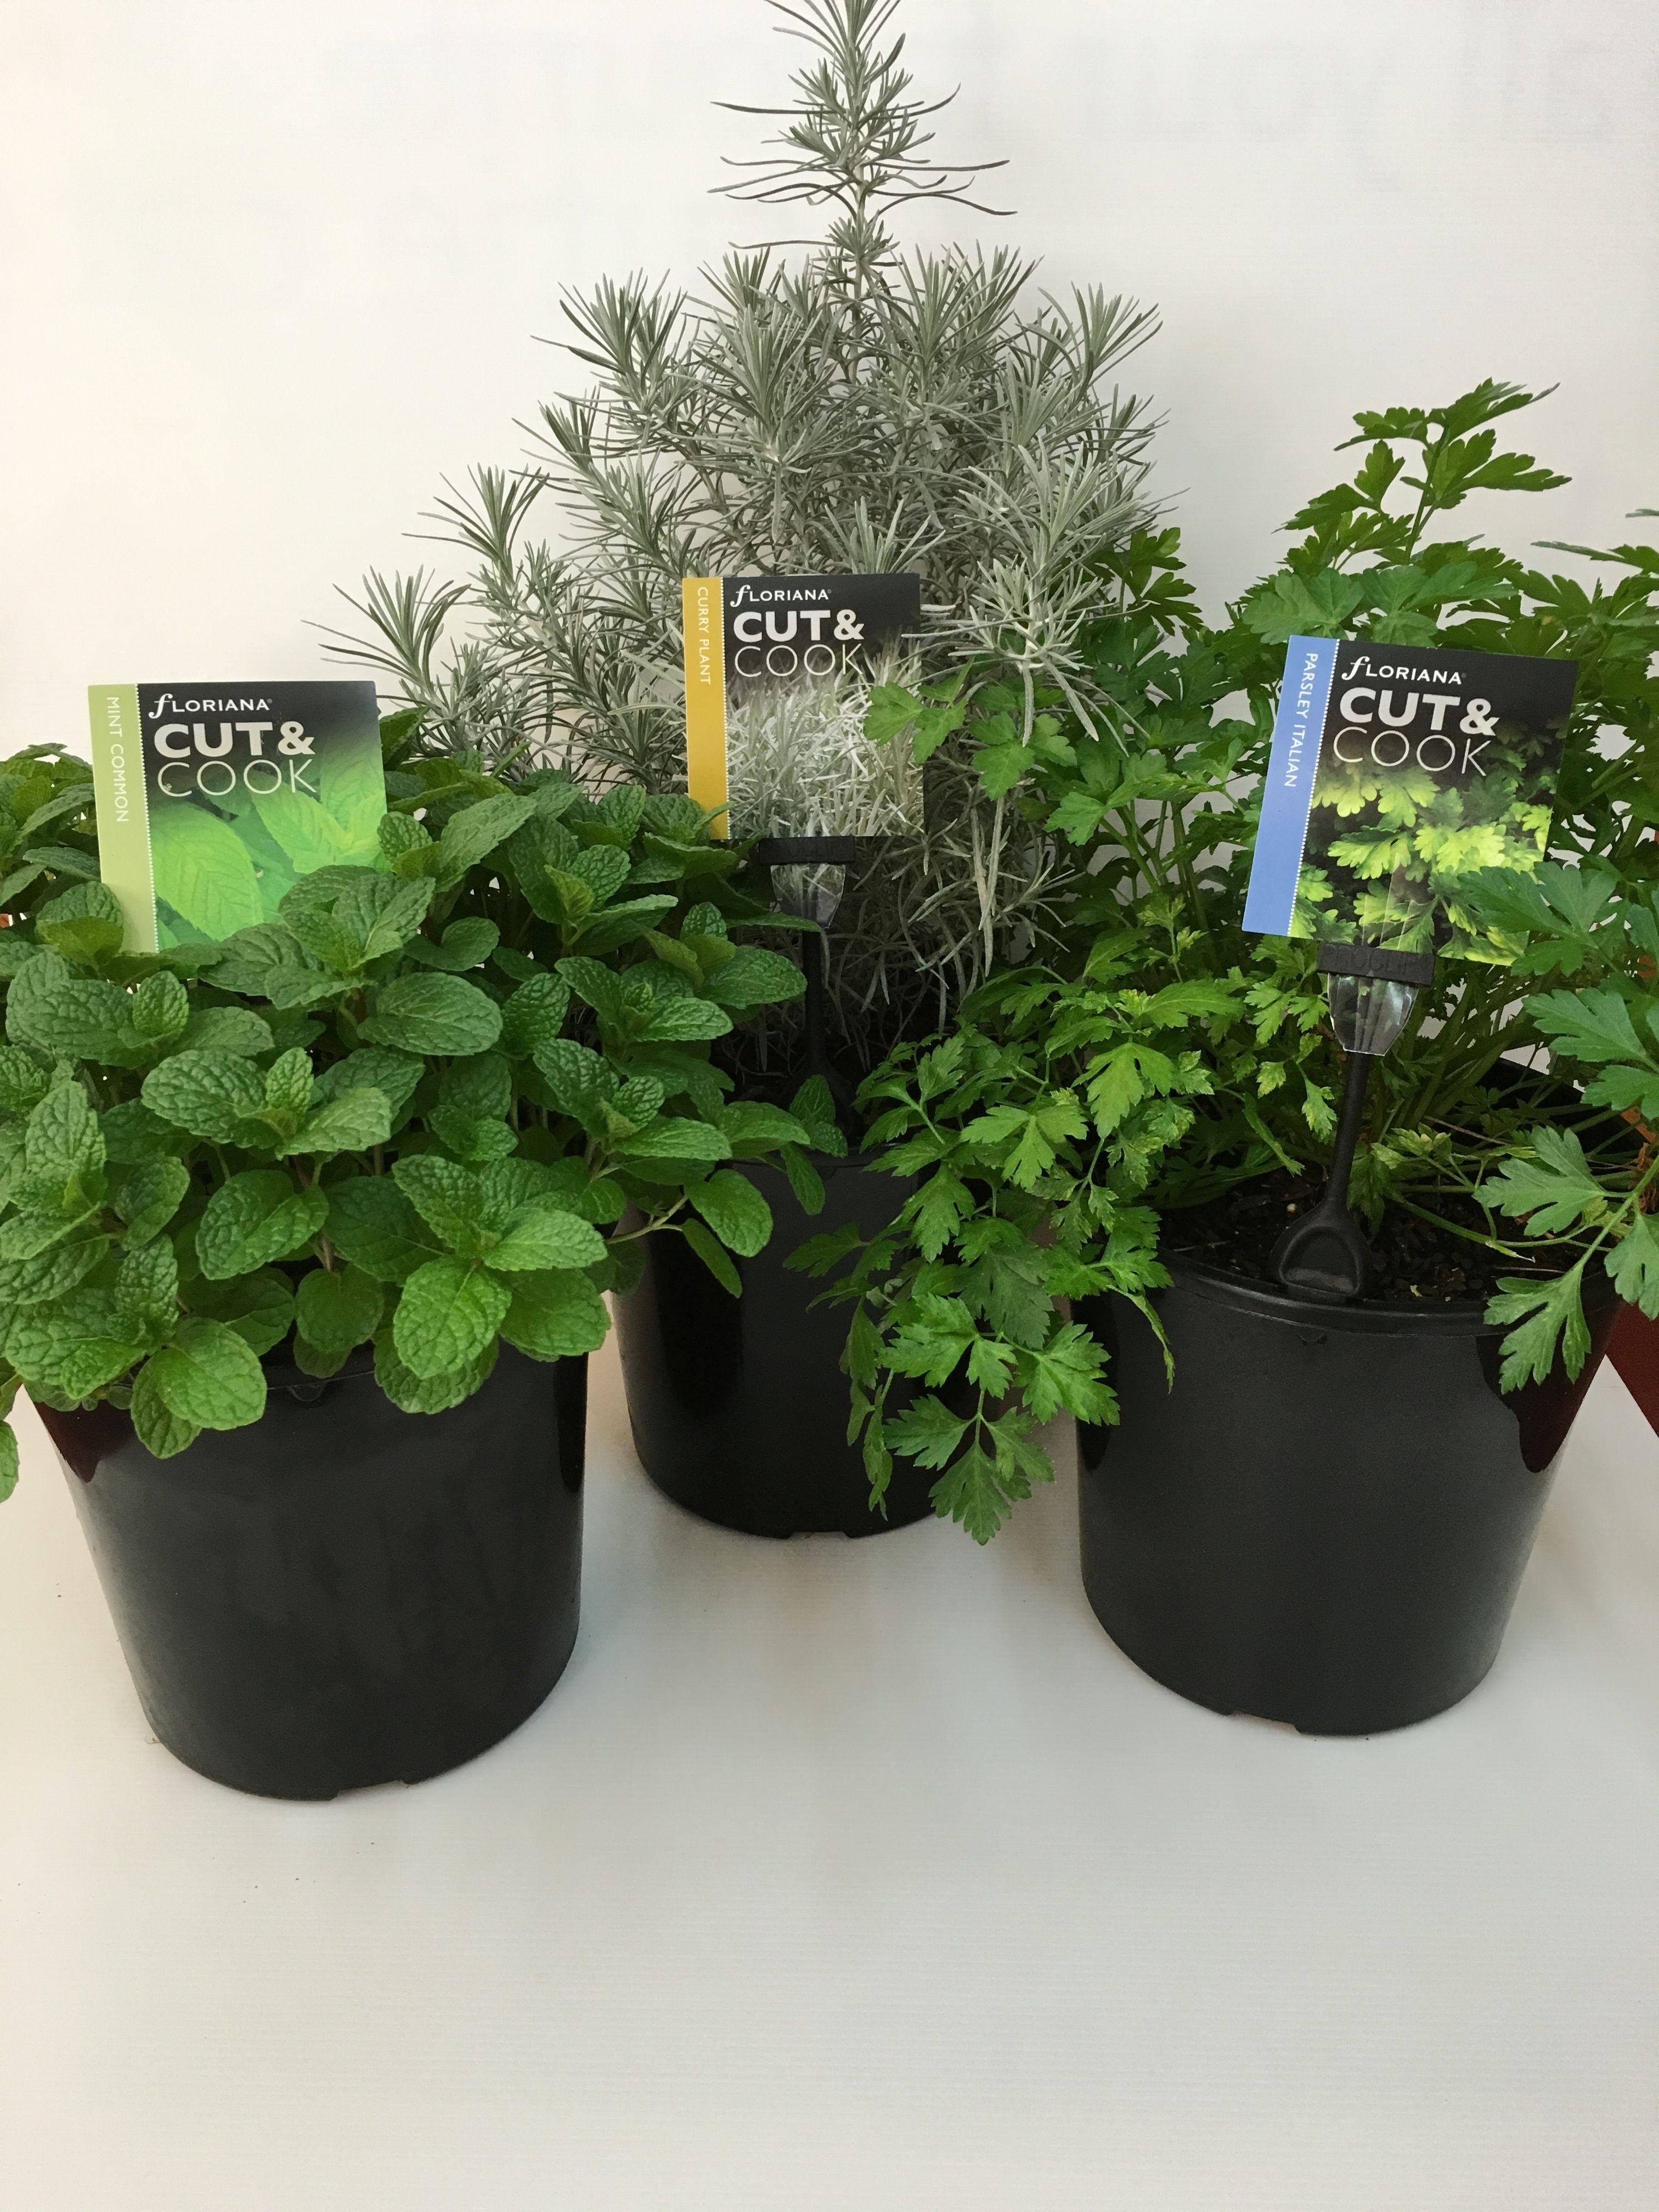 Floriana Cut & Cook 200mm Herb Pots x 3.jpg